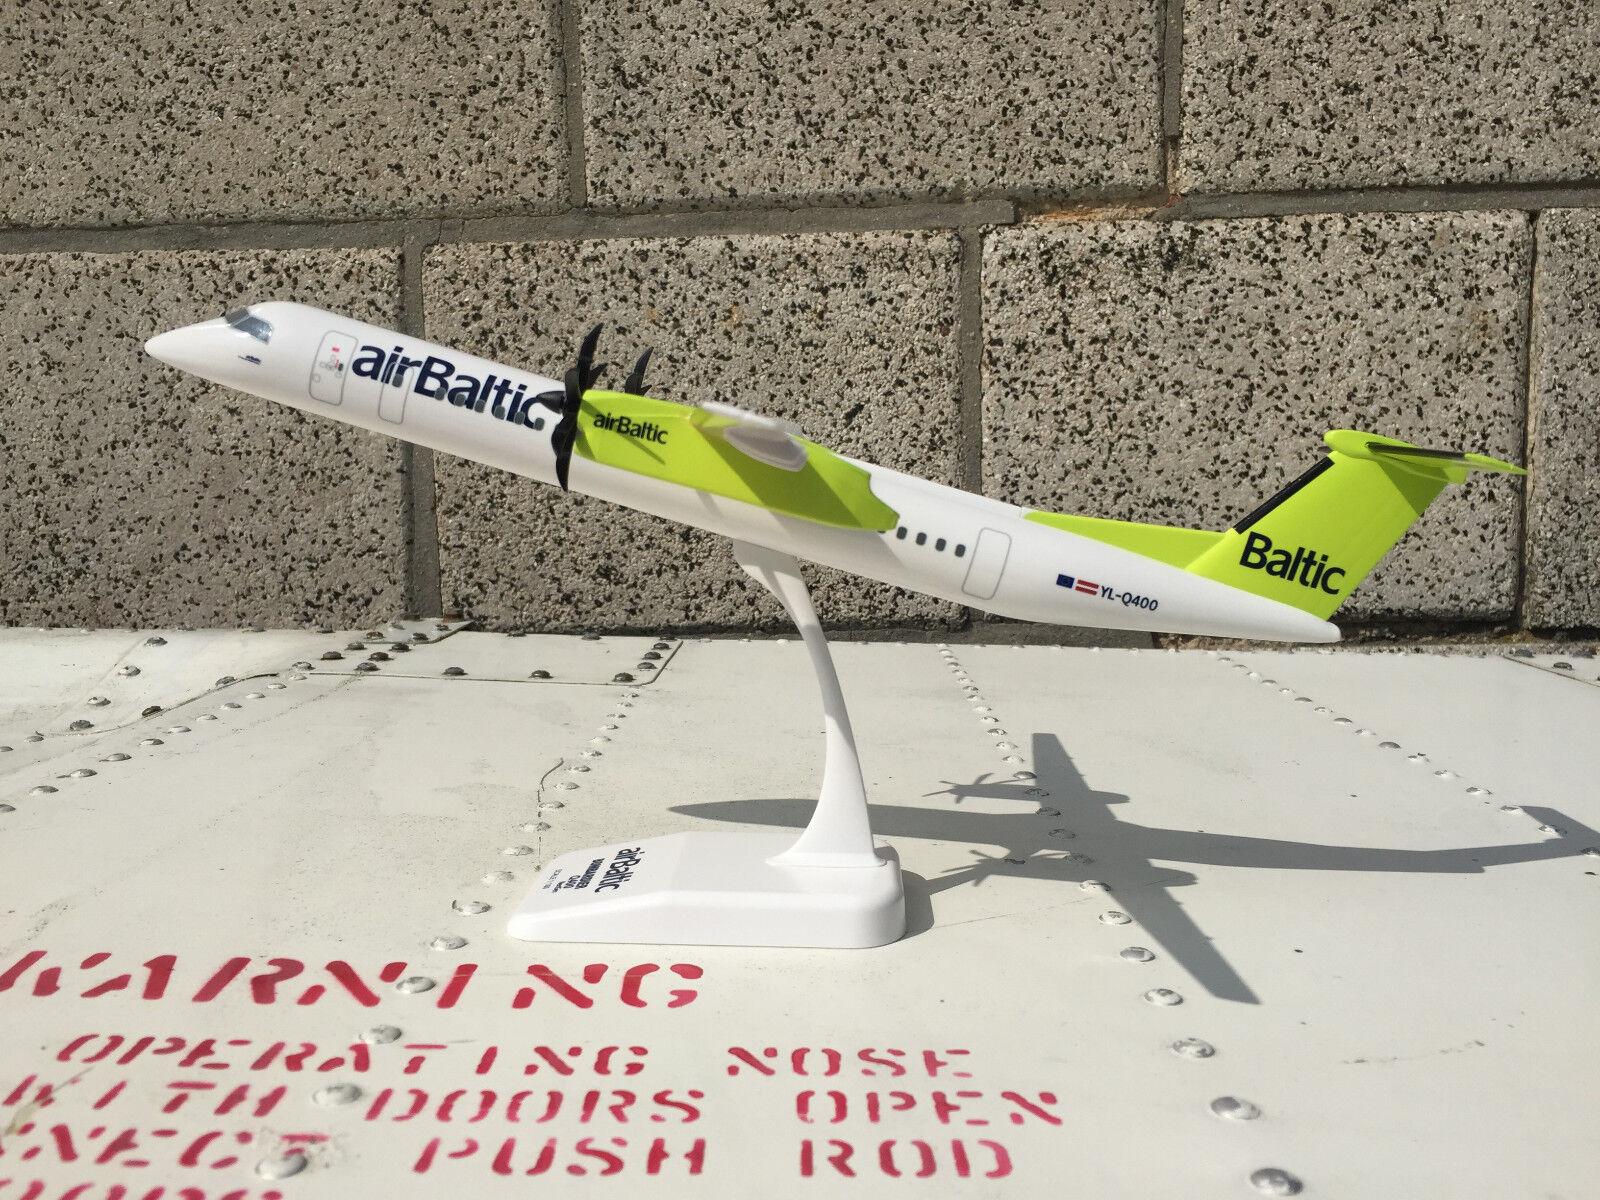 1 100 bombardier Air Baltic q400 NextGen modelo lo Dash 8-q400 avión